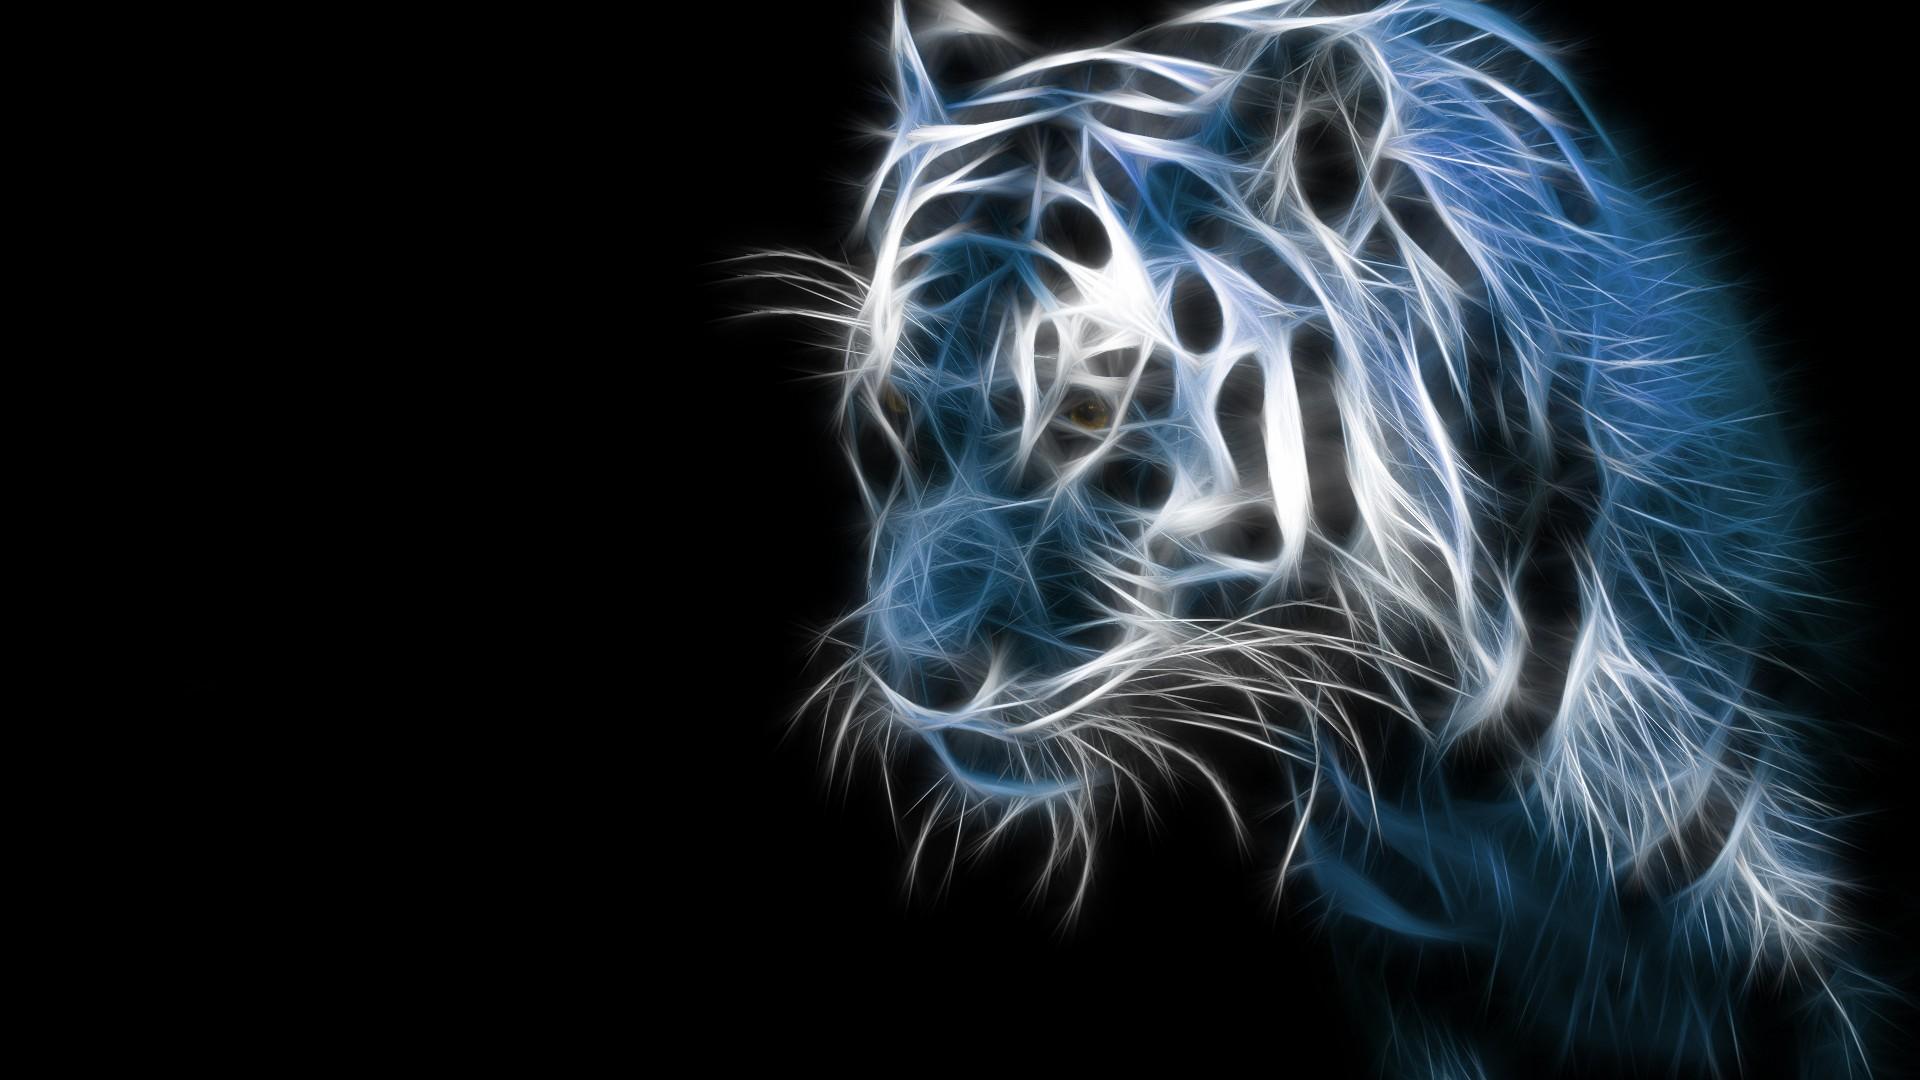 Tapety Ilustracja Sztuka Cyfrowa Zwierząt Proste Tło Tygrys